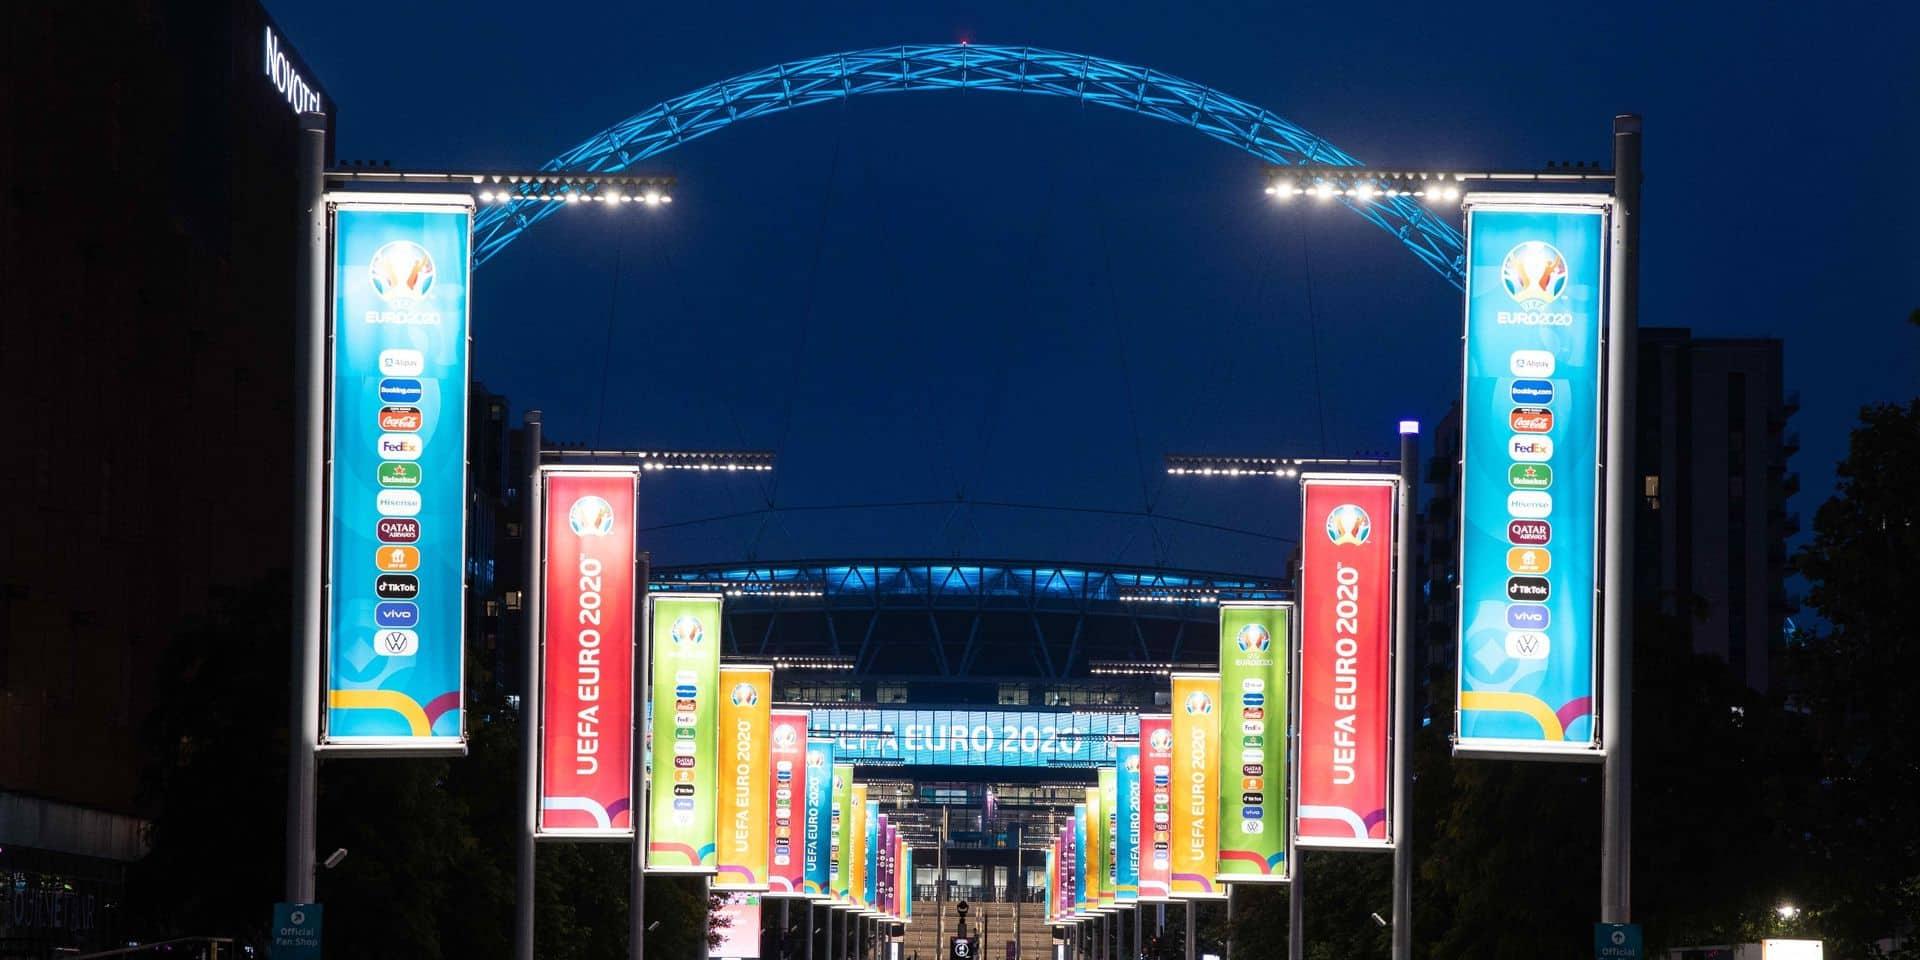 L'Allemagne demande à l'UEFA de réduire le nombre de supporters à Wembley pour les prochains matchs